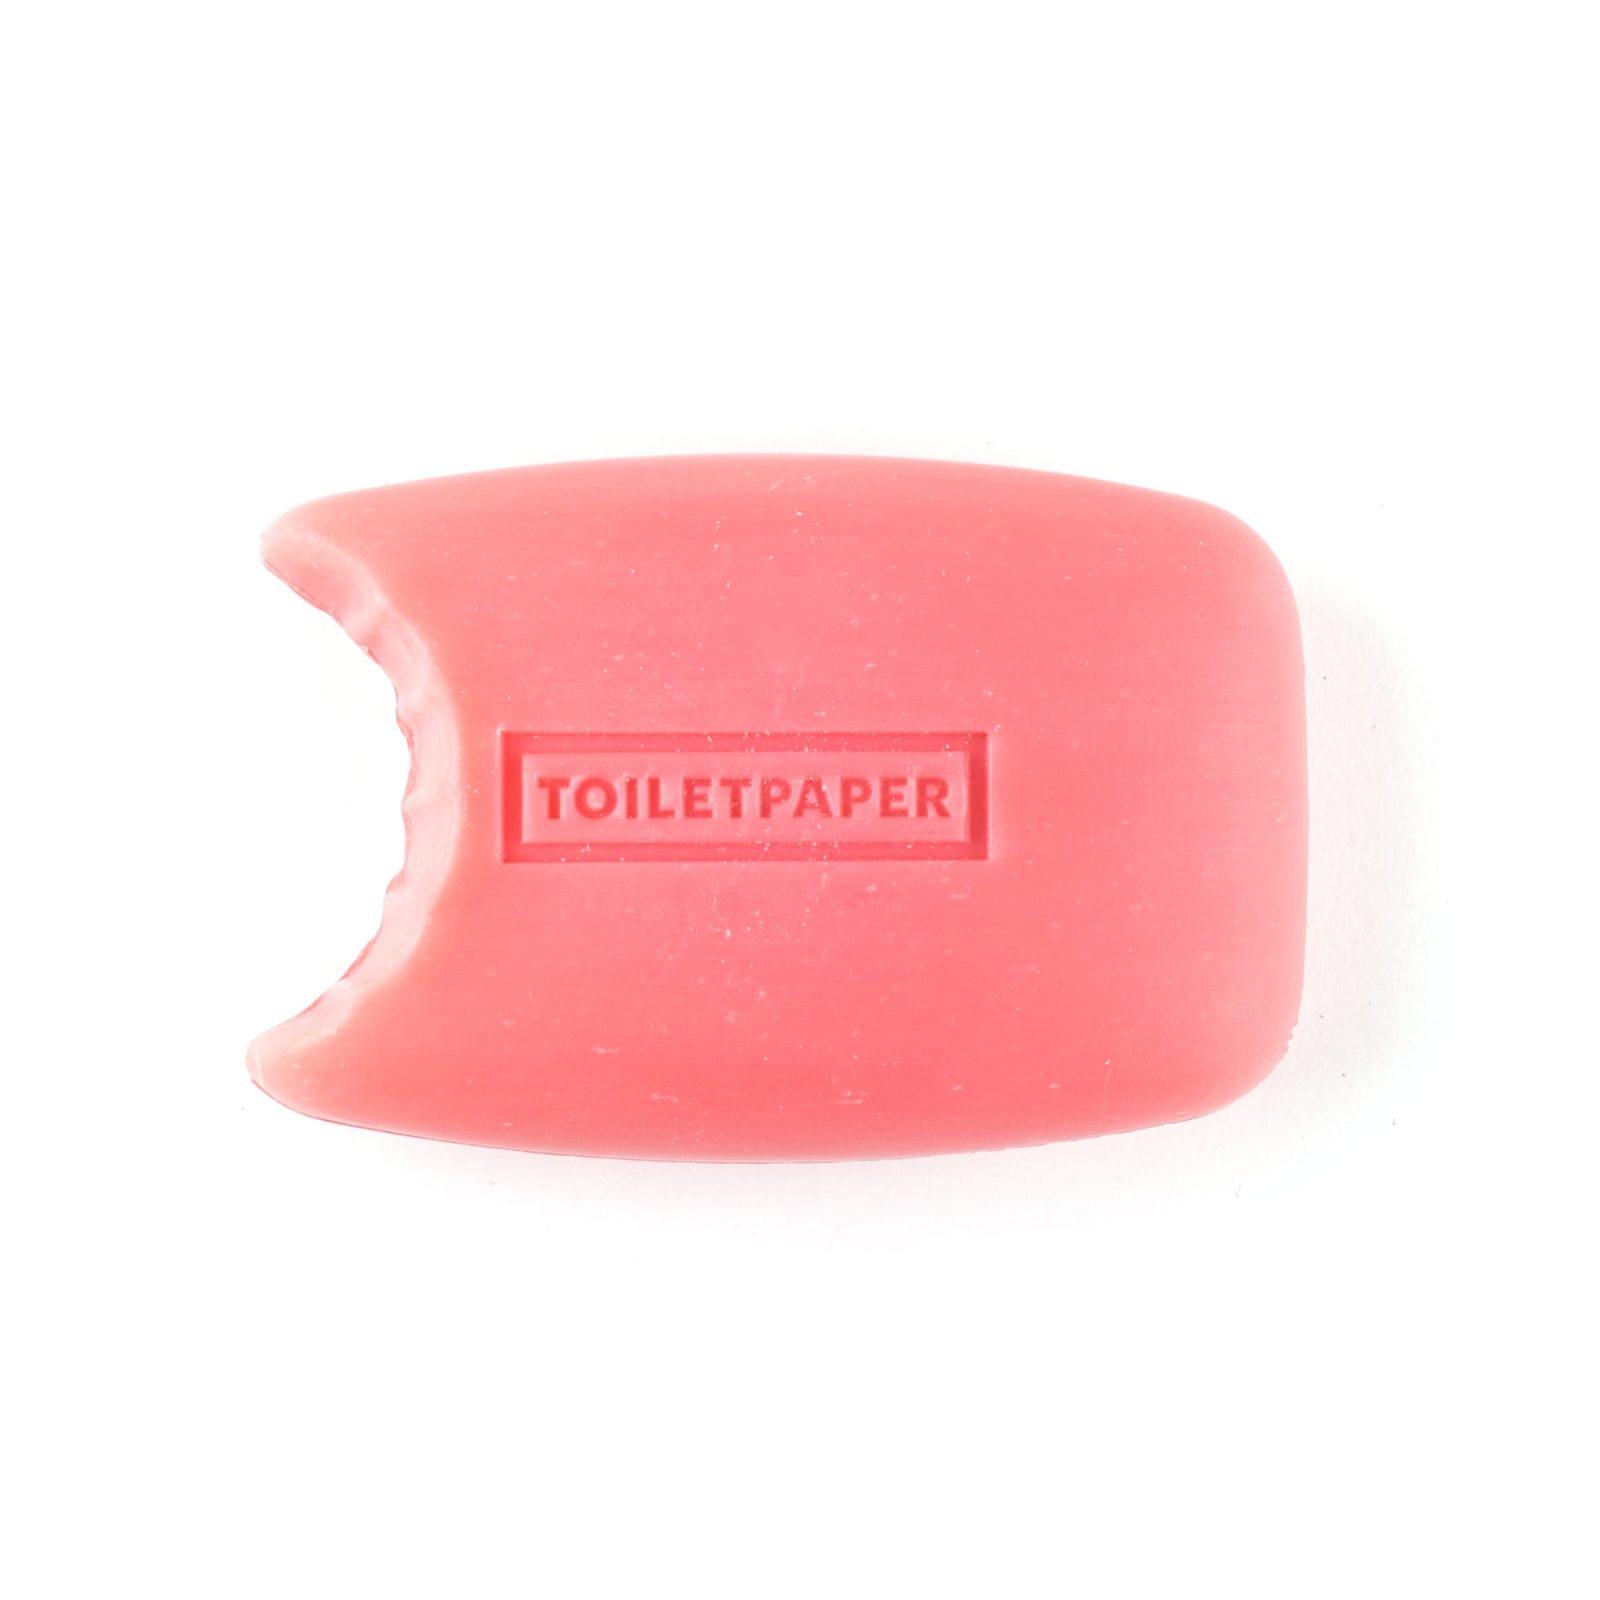 soap-bite-toilepaper-2